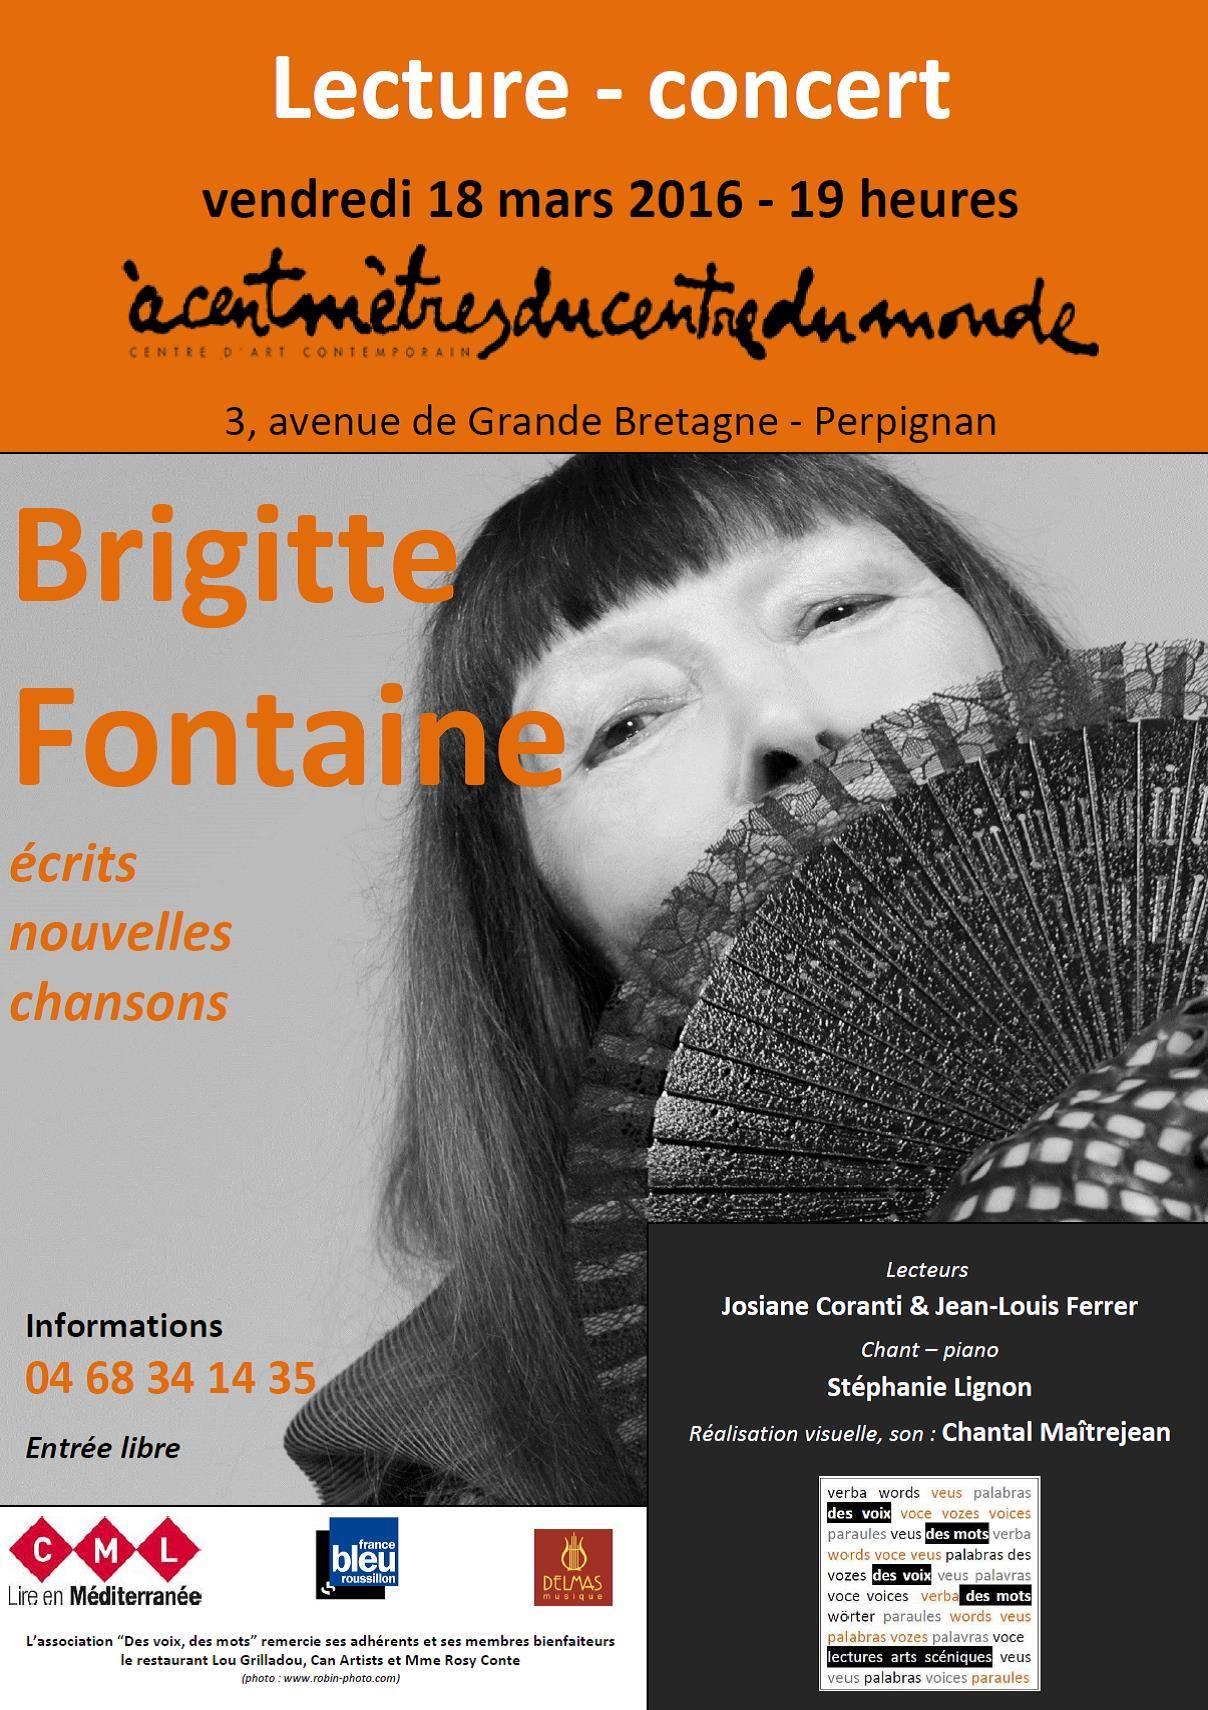 LECTURE : Brigitte Fontaine